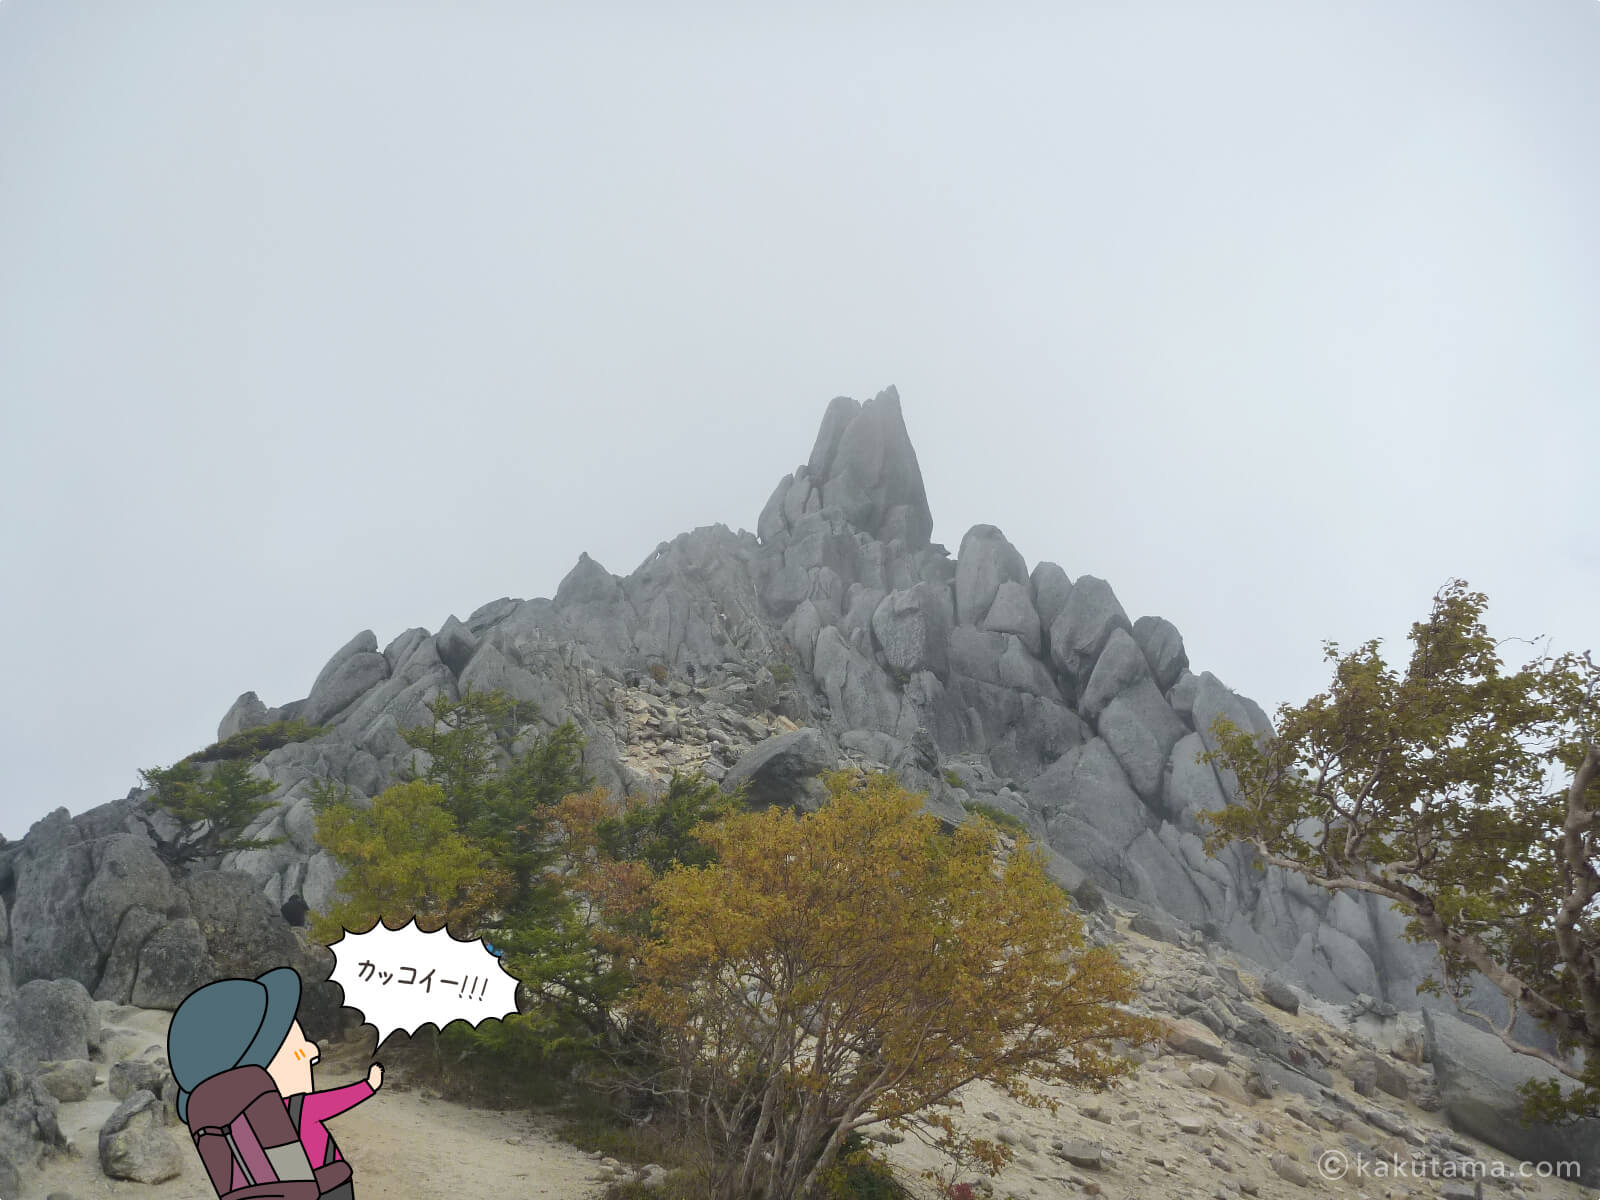 登山用語「オベリスク」にまつわる写真